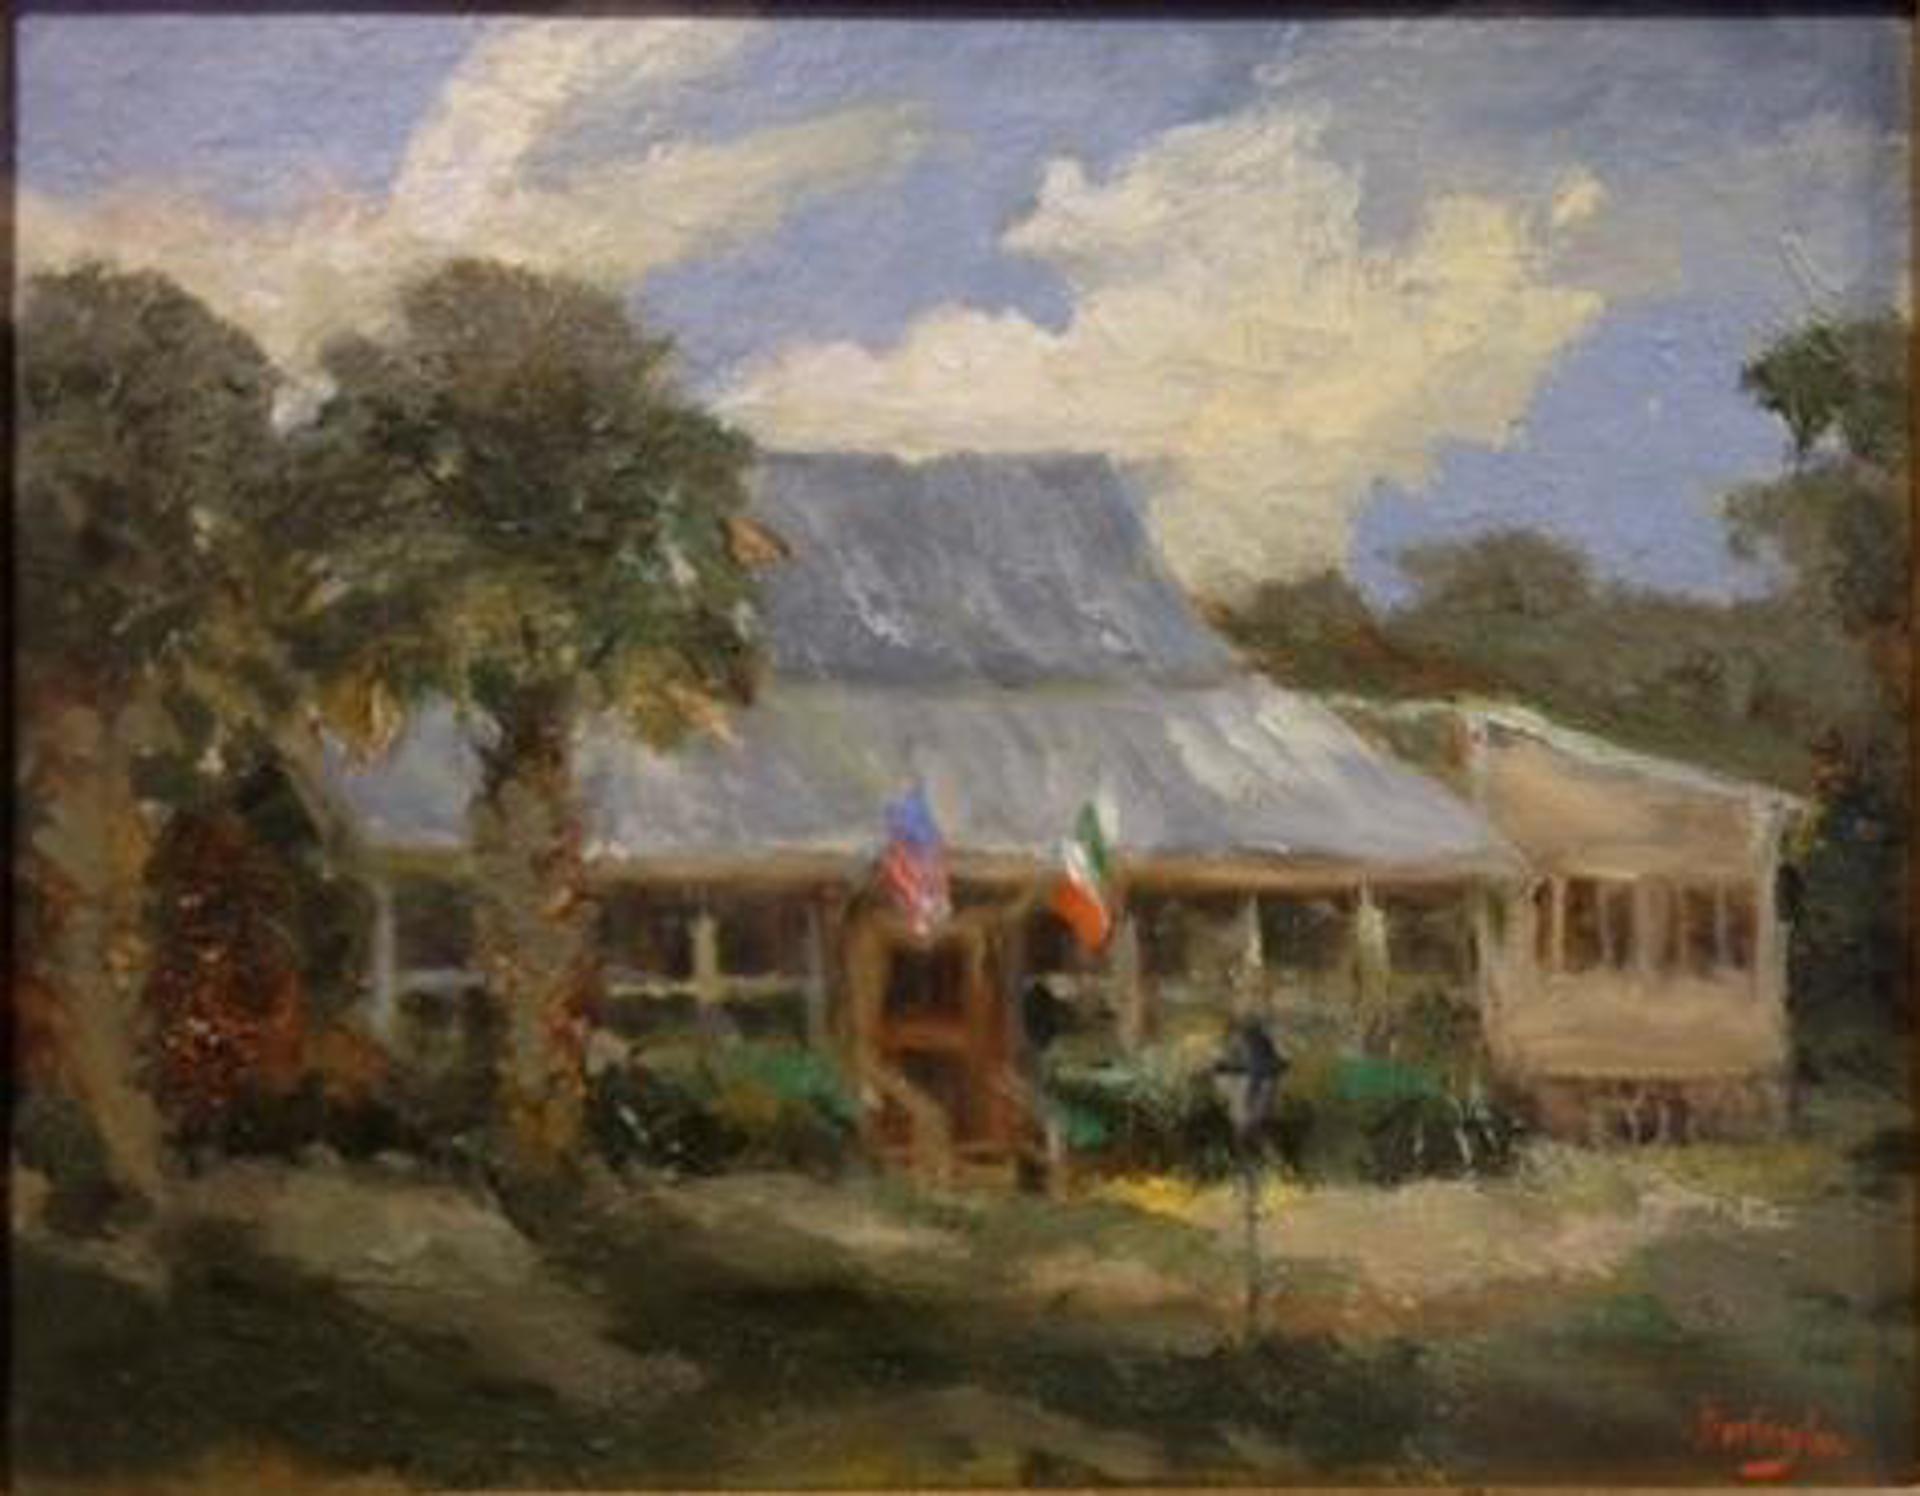 Former Site of Brady's Tavern, S.I. by Jim Darlington